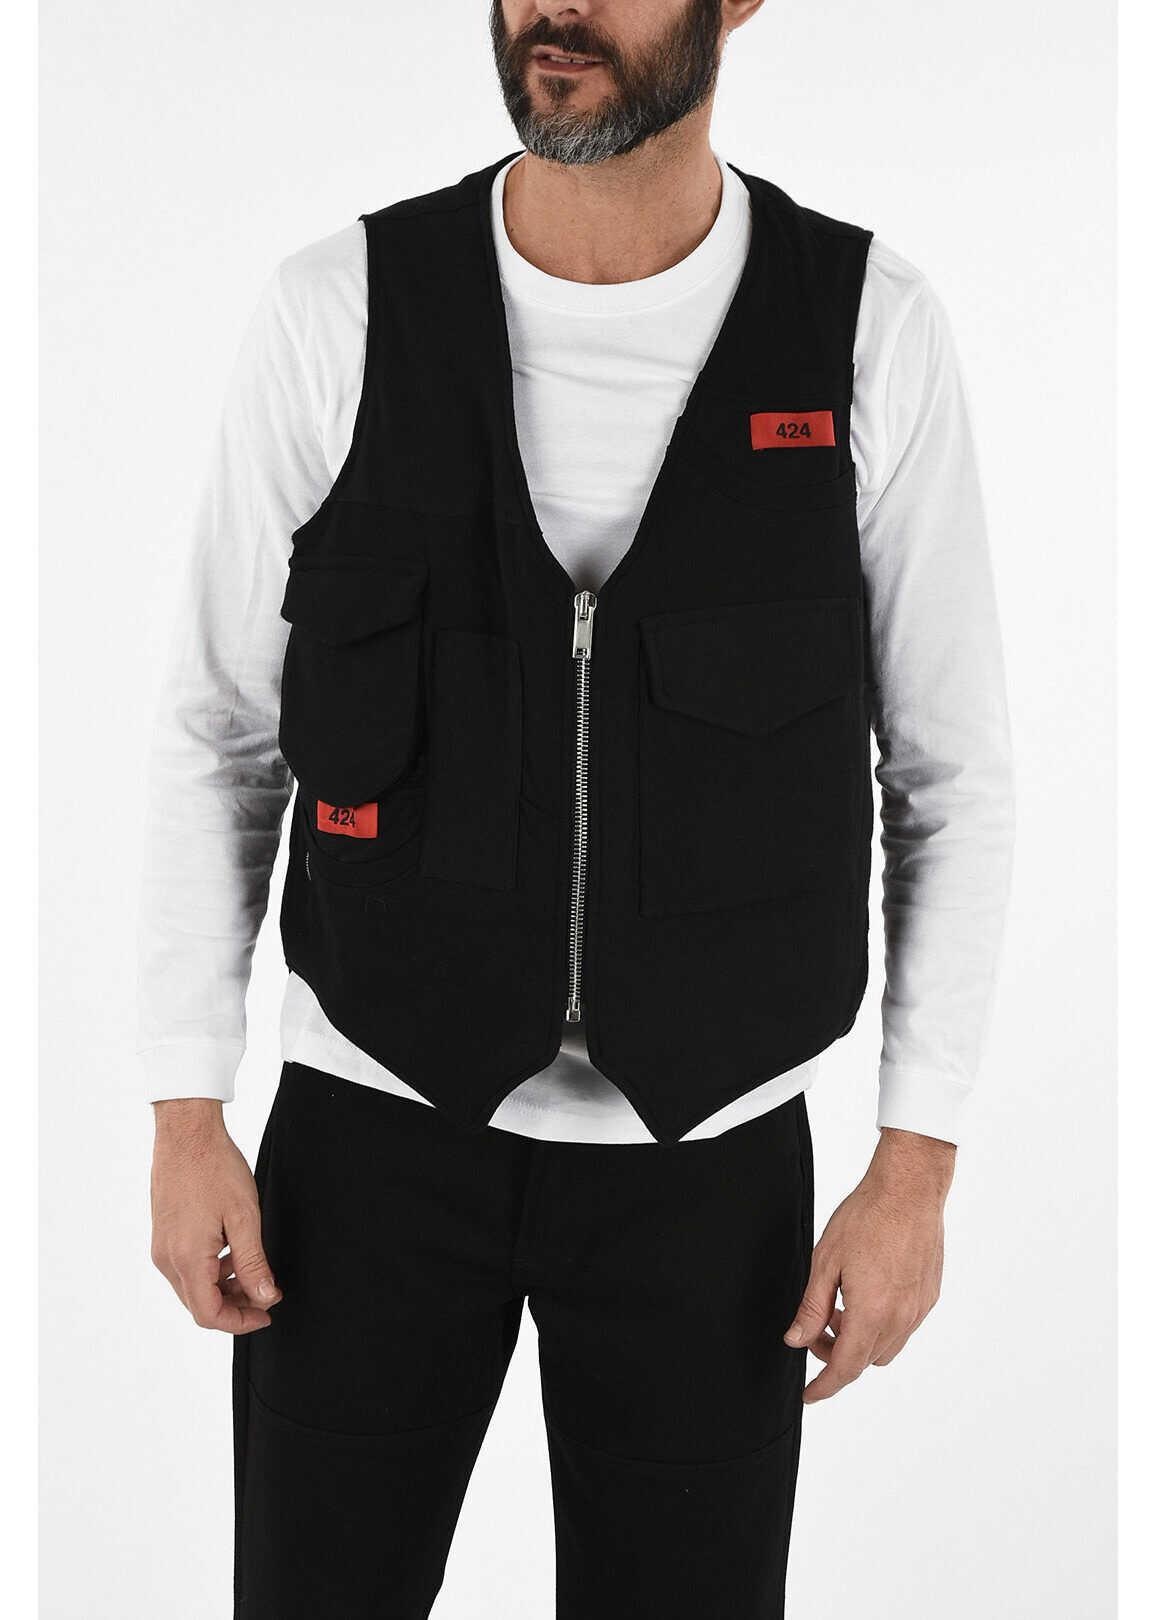 424 Cotton Utility Vest BLACK imagine